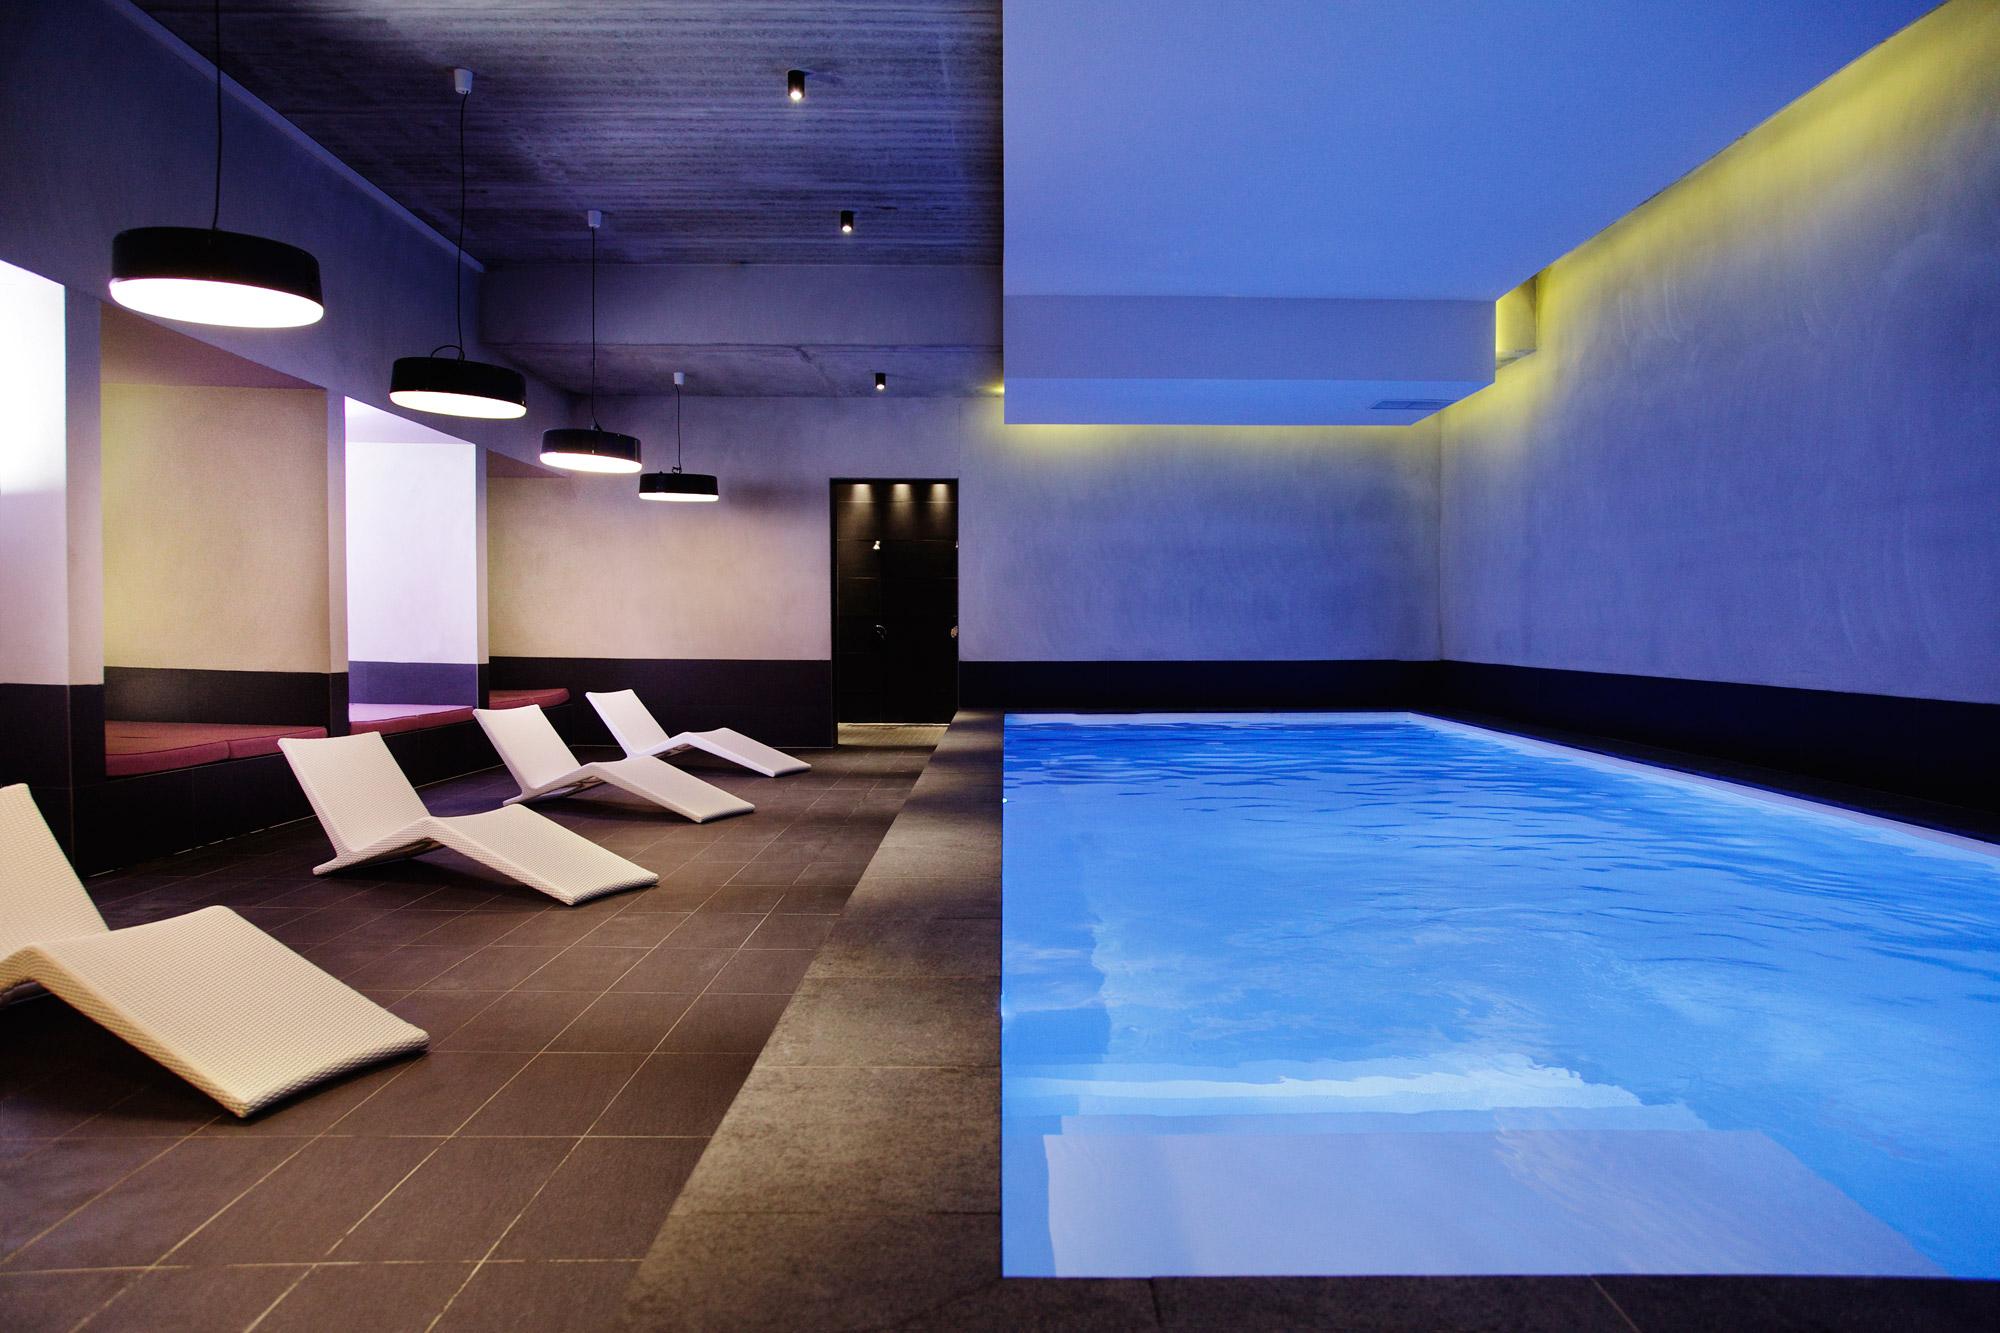 Vaste espace détente avec piscine intérieure